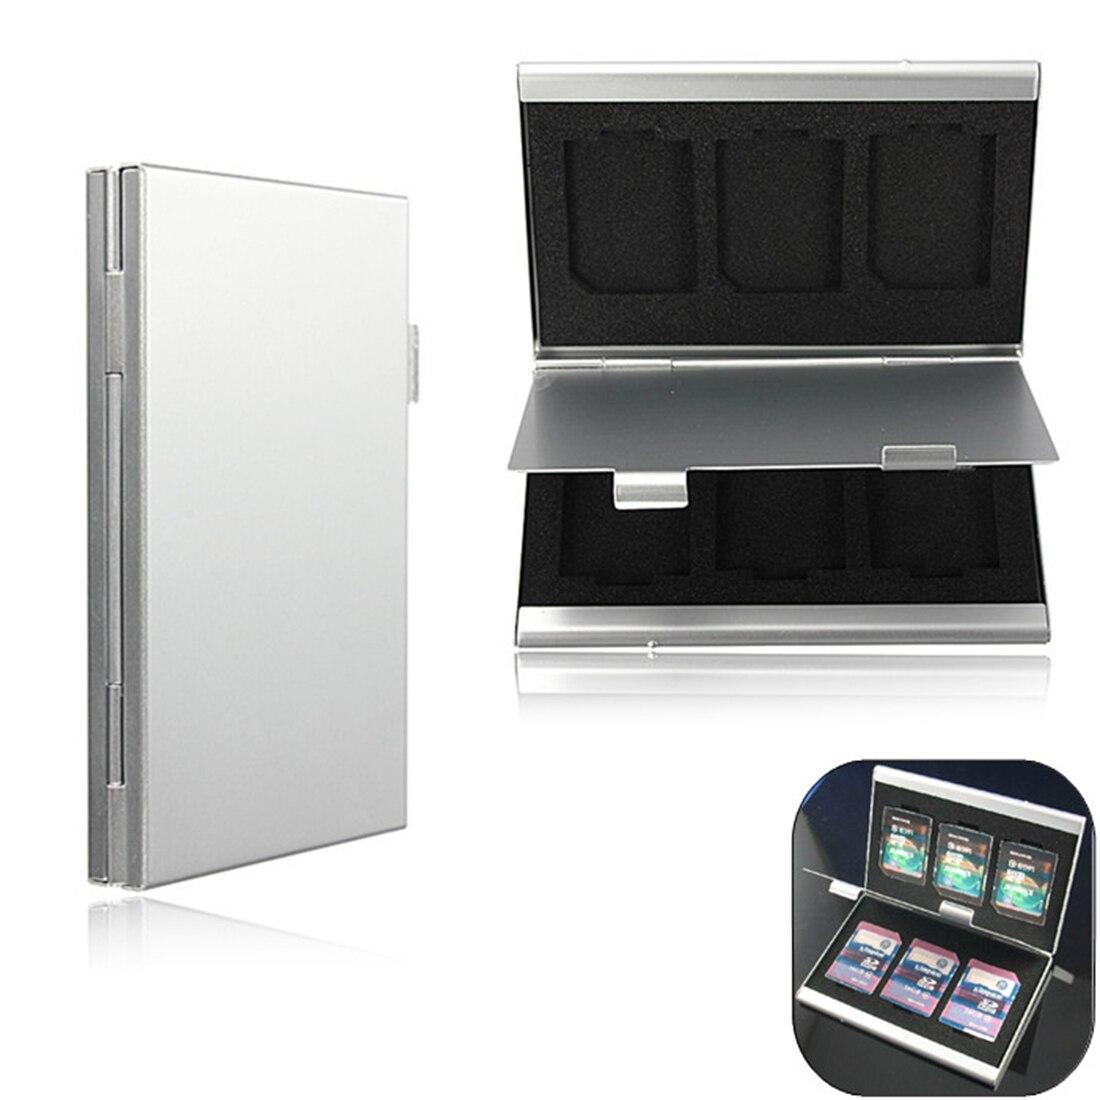 Image 2 - NOYOKERE Высокое качество 6 слотов двойной стол алюминиевый ящик для хранения для SD SDHC SDXC MMC чехол для держателя карты памяти протектор-in Чехлы для карт памяти from Компьютер и офис on AliExpress - 11.11_Double 11_Singles' Day